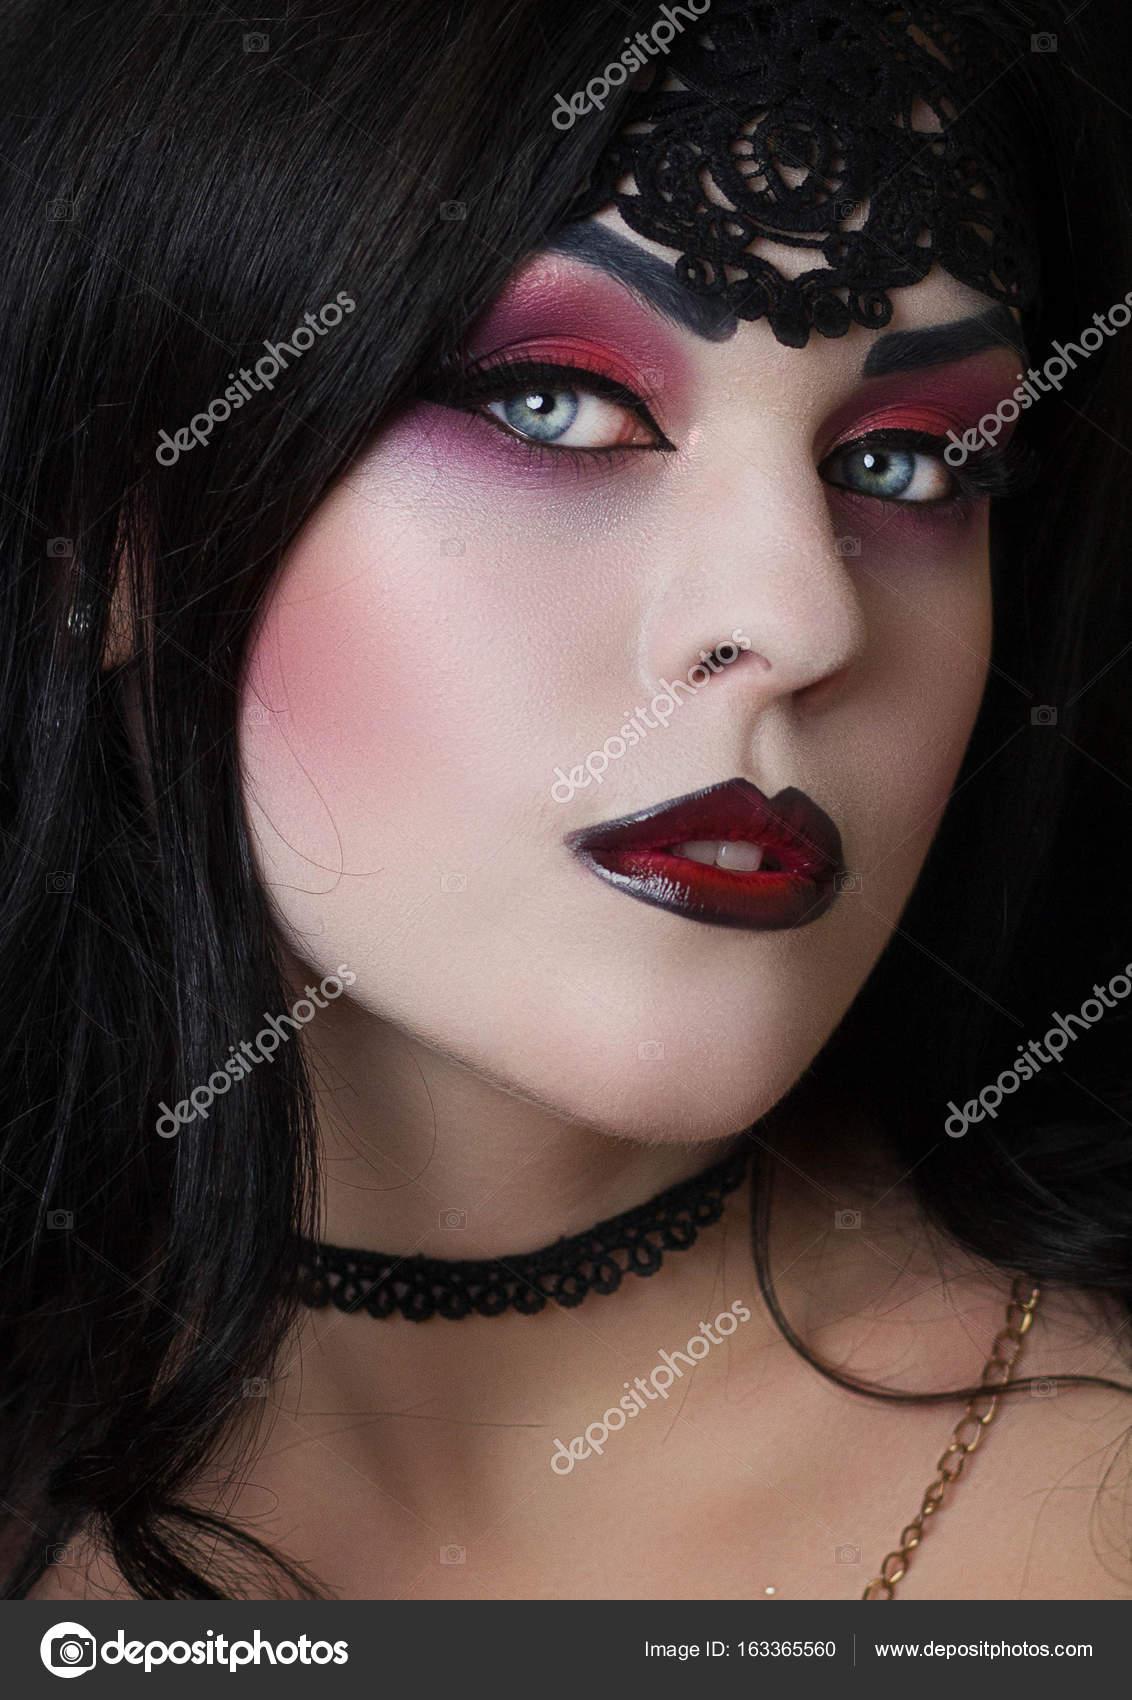 La Imagen De Una Bruja Para Halloween Fotos De Stock C Kirilyukrm - Maquillaje-profesional-halloween